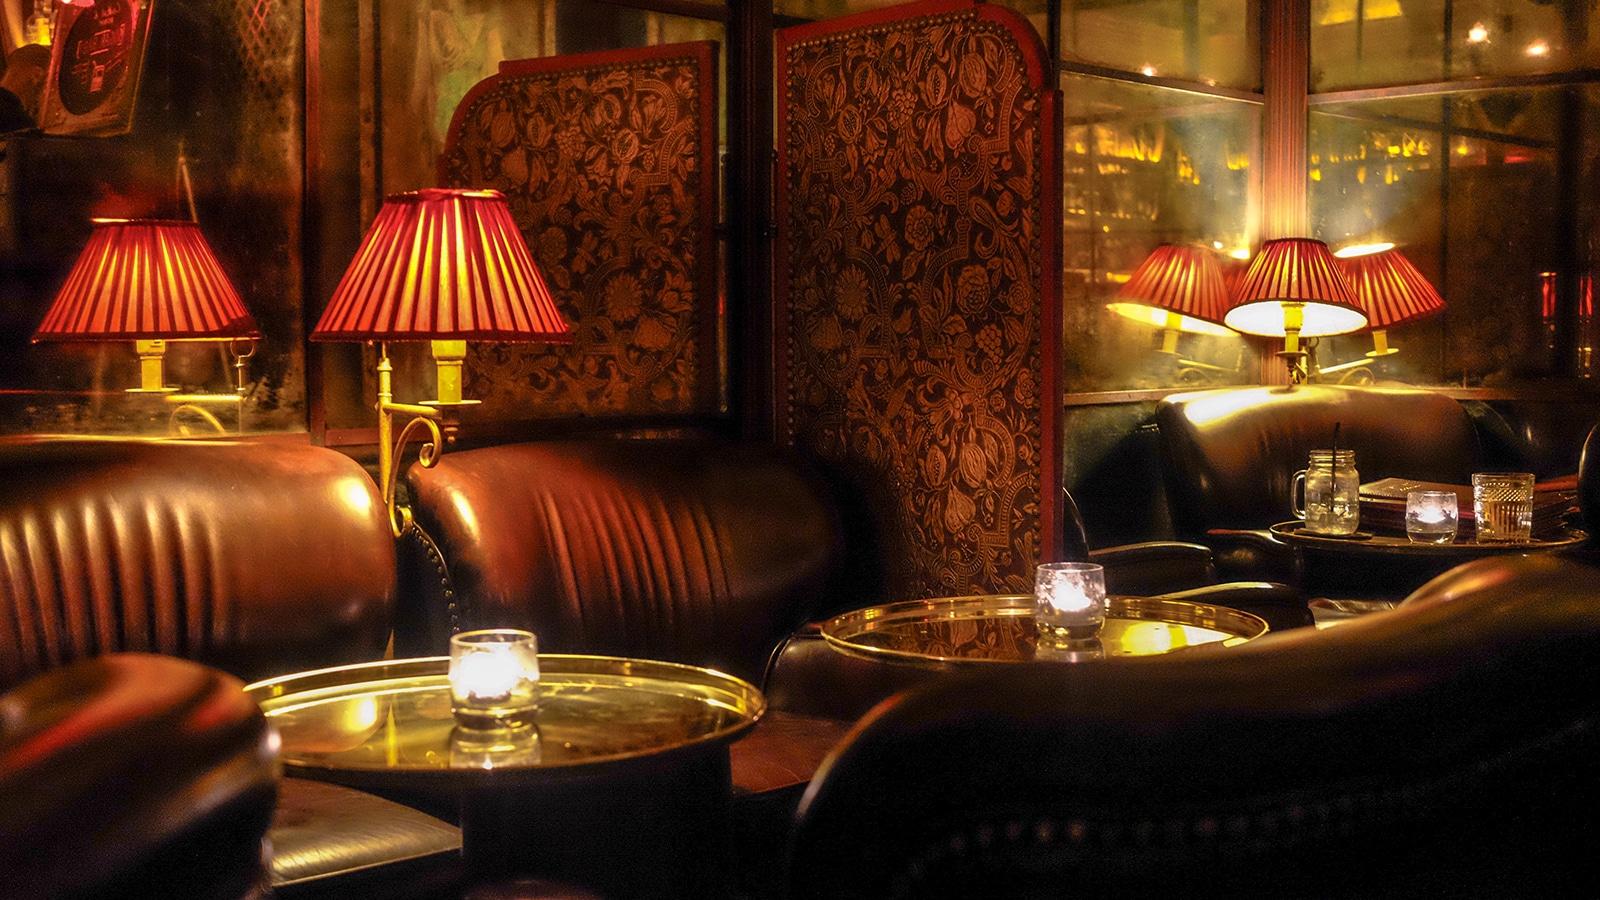 ce soir l au bar cocktails cach le passage heure bleue lyon. Black Bedroom Furniture Sets. Home Design Ideas